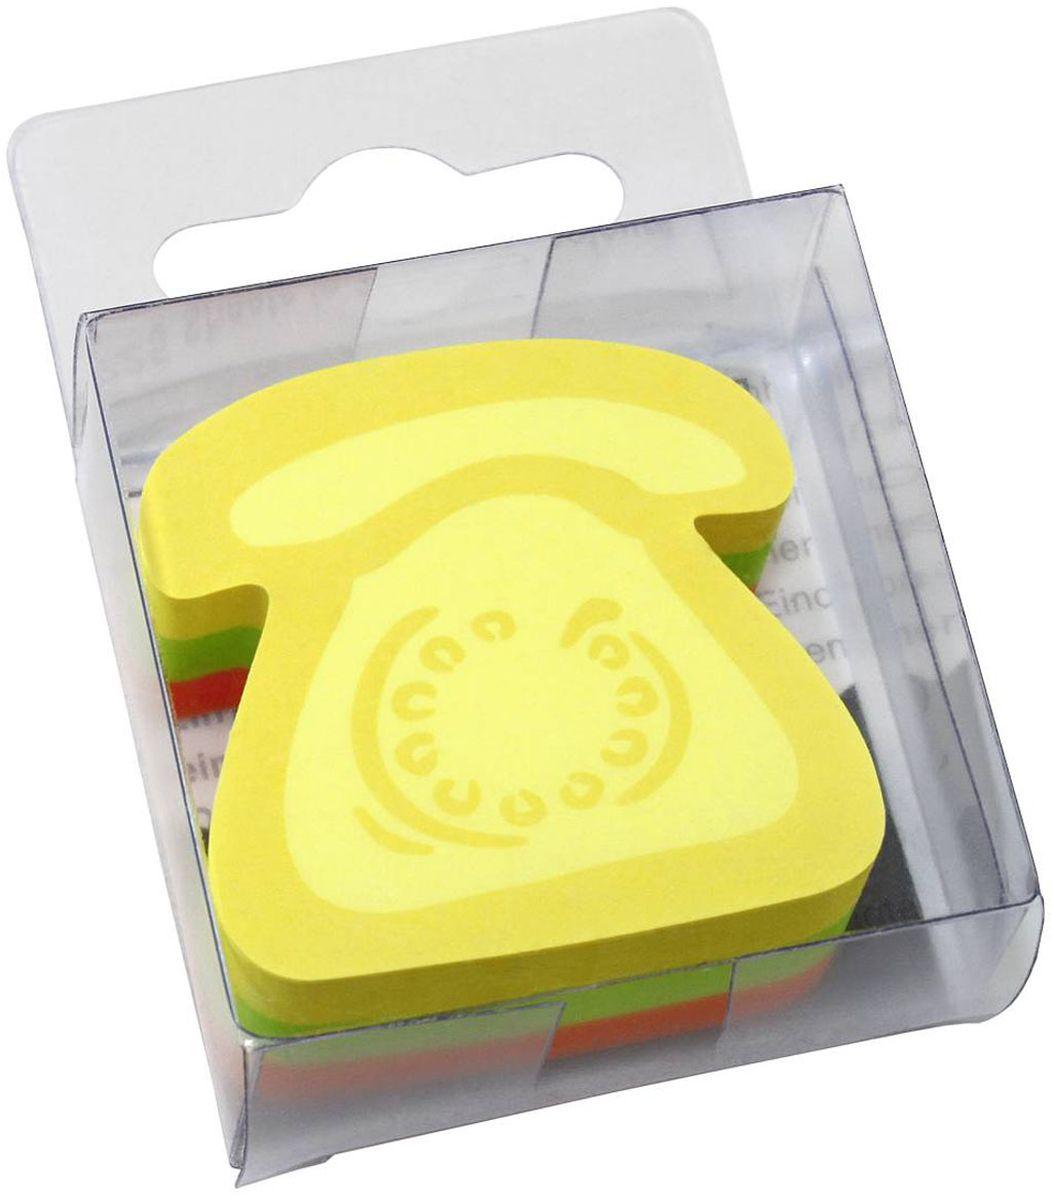 Global Notes Бумага для заметок с липким слоем Телефон 225 листов584339Не только удобна, но и интересна, позволяет привлечь внимание к нужной информации. Размер 50х50 мм. В блоке 225 листов. ТЕЛЕФОН. В блистерной коробке Плотность бумаги 70гр/м2